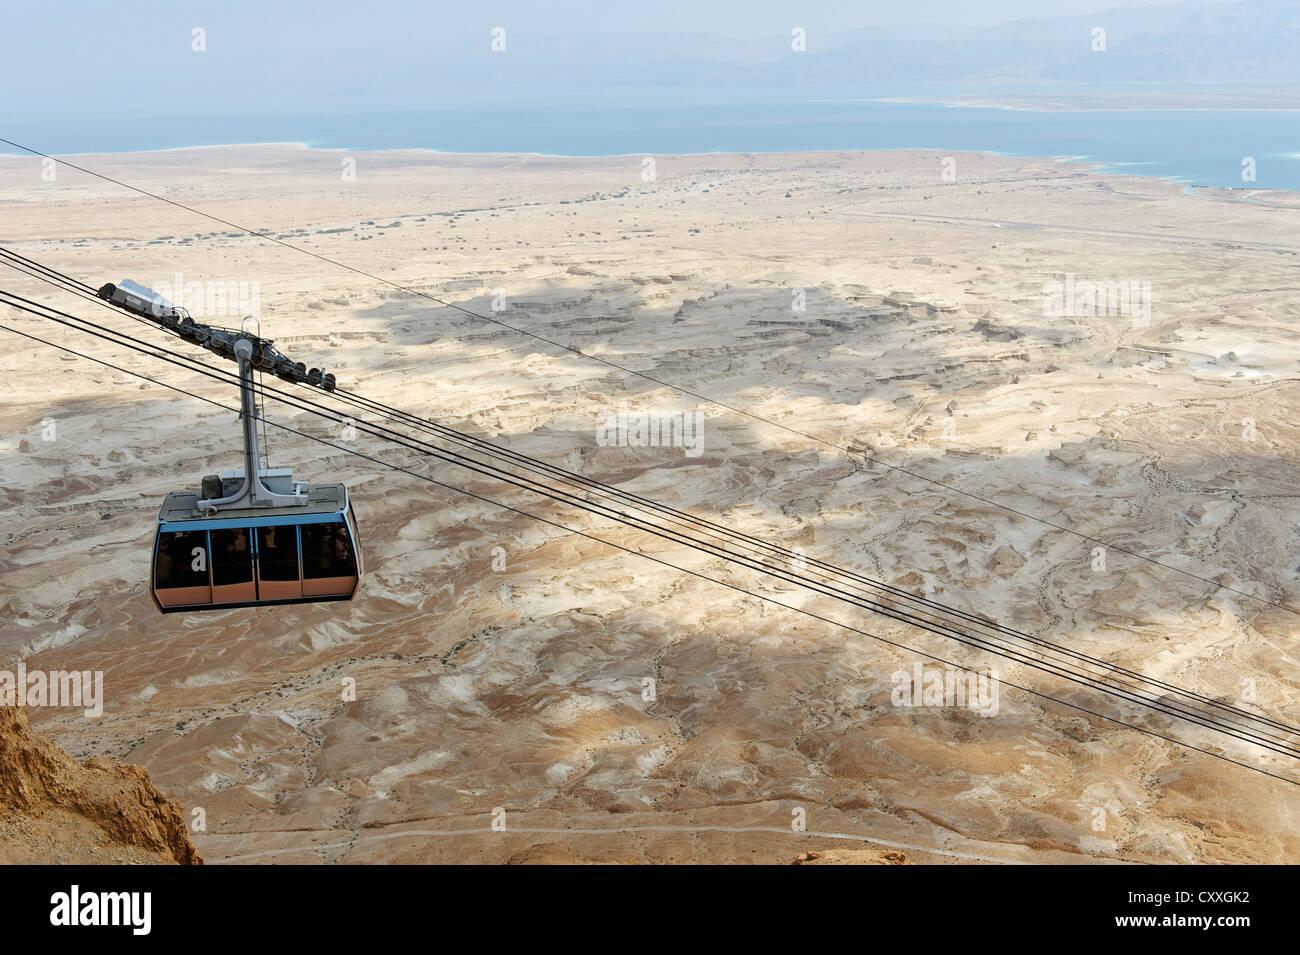 La góndola, teleférico, Masada, teleférico a judíos en las excavaciones de la fortaleza de Masada, Imagen De Stock